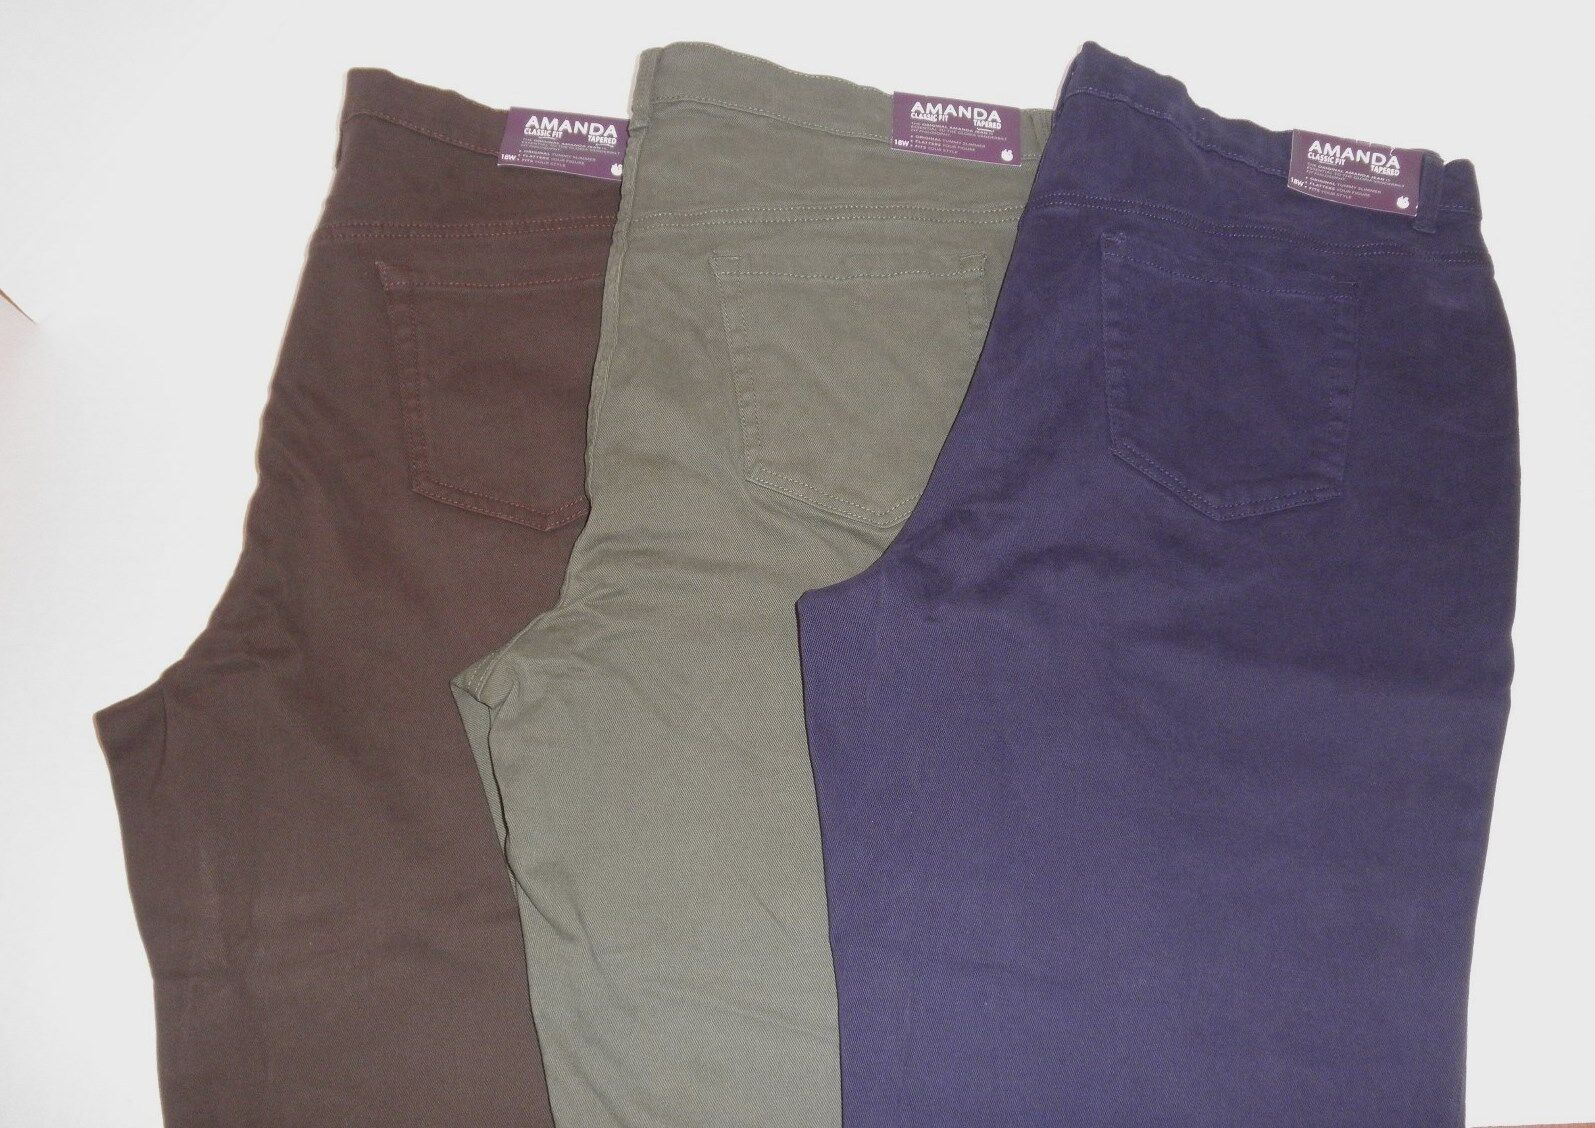 d0a04eeac0fa6 Details about  44 Ladies Gloria Vanderbilt Amanda STRETCH pants PLUS SIZE  Jeans 16W to 24W